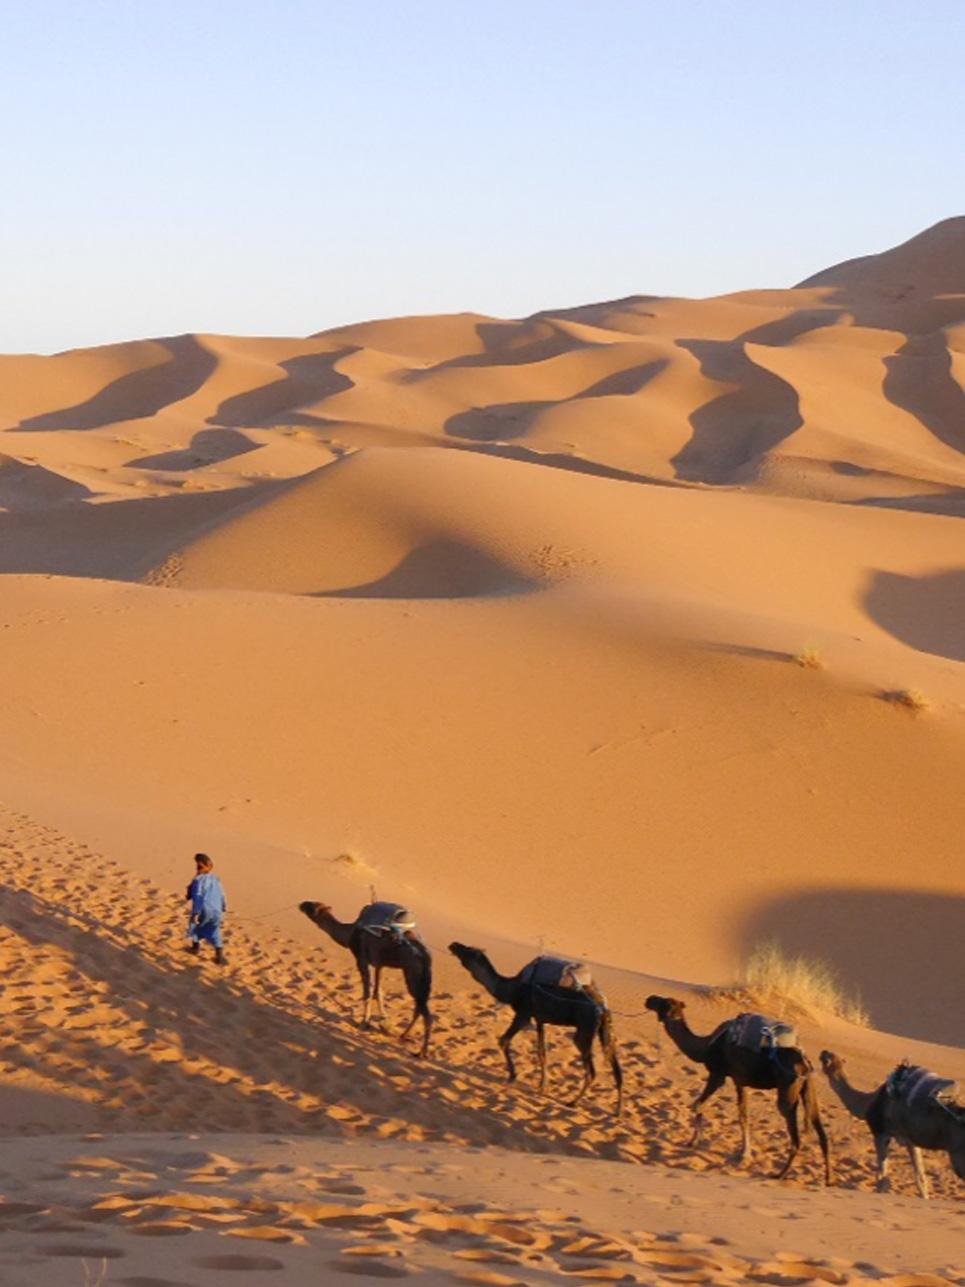 Begegnung des Tages: Genauso habe ich mir die Sahara immer vorgestellt. Tromedare und ganz viel Sand!